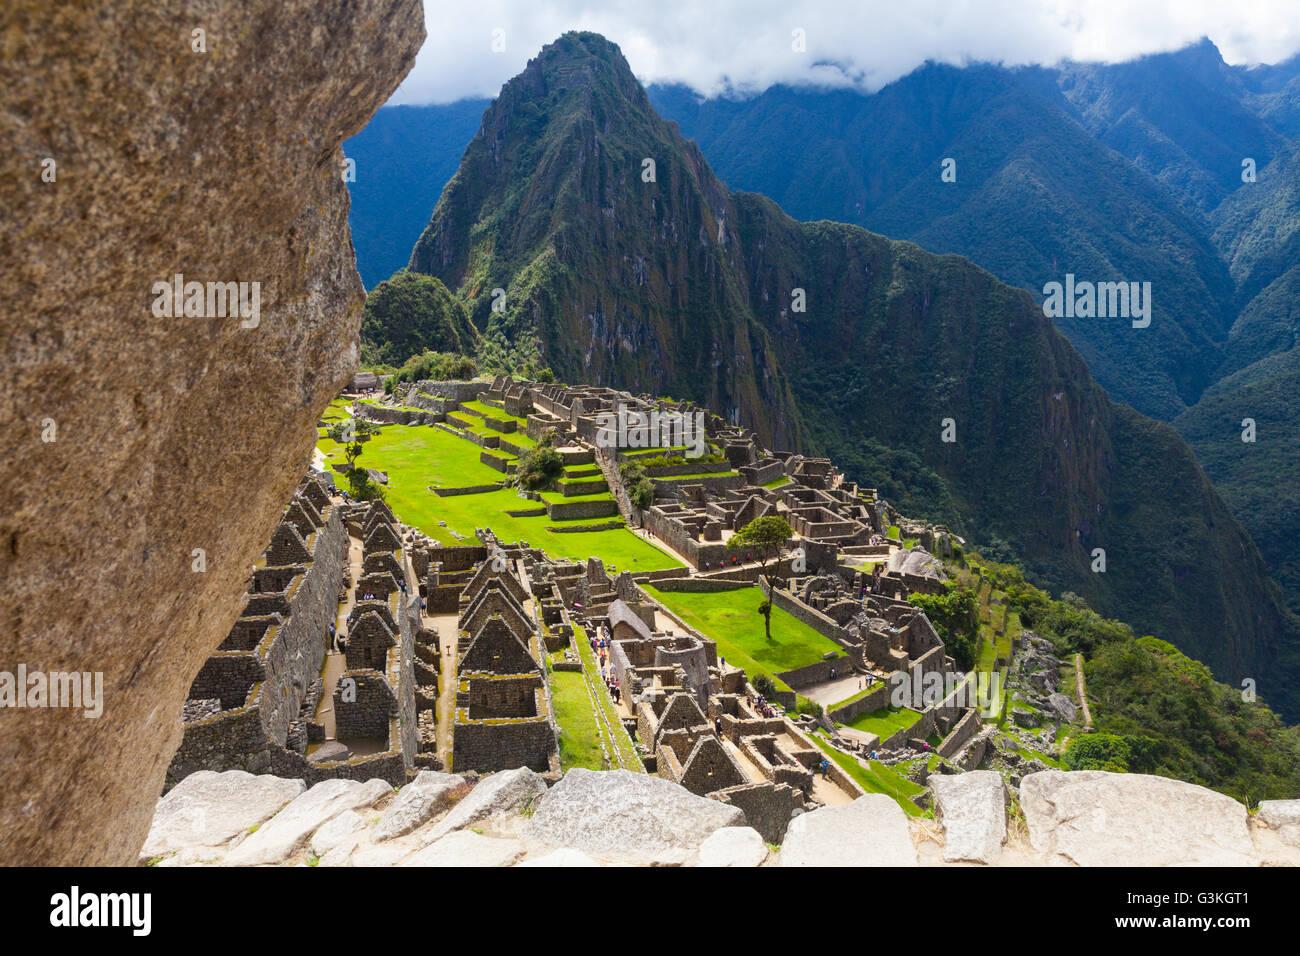 Überblick über die Siedlung von Machu Picchu in den Anden von Peru Stockbild